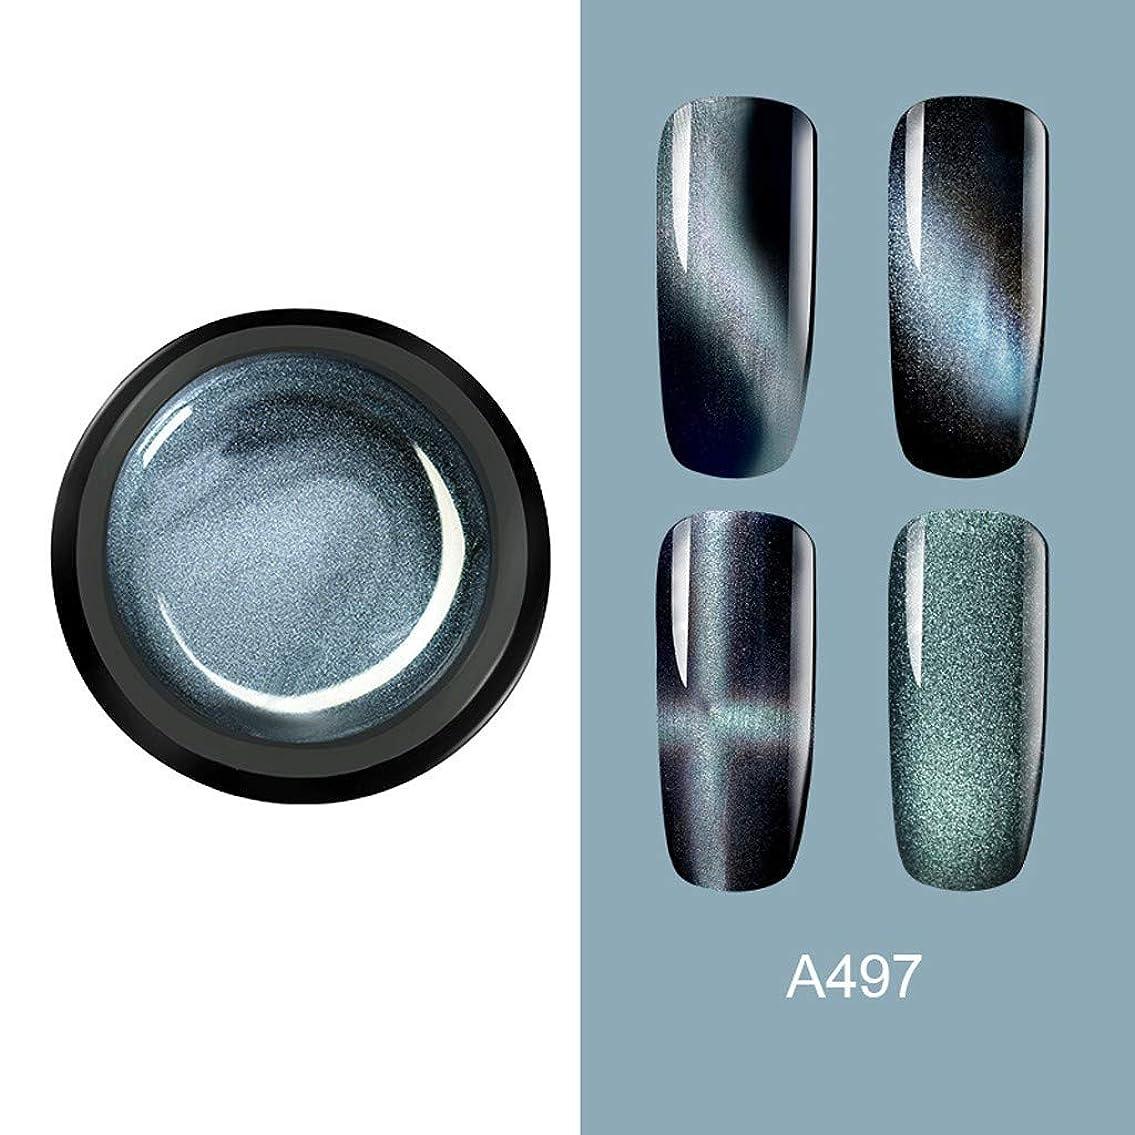 角度電圧鉛筆ネイルポリッシュジェルネイルネイルオイルマニキュア,メタリック5DキャットアイポリッシュジェルシャイニースターリースカイソークオフアートネイルUVポリッシュ, Uamaze ビューティー ネイル ネイル道具 ケアツール ネイルデザイン ネイルアートツール メイク道具 ネイルアートパーツ マニキュア,長持ち、使いやすい、水性、無害、環境にやさしい